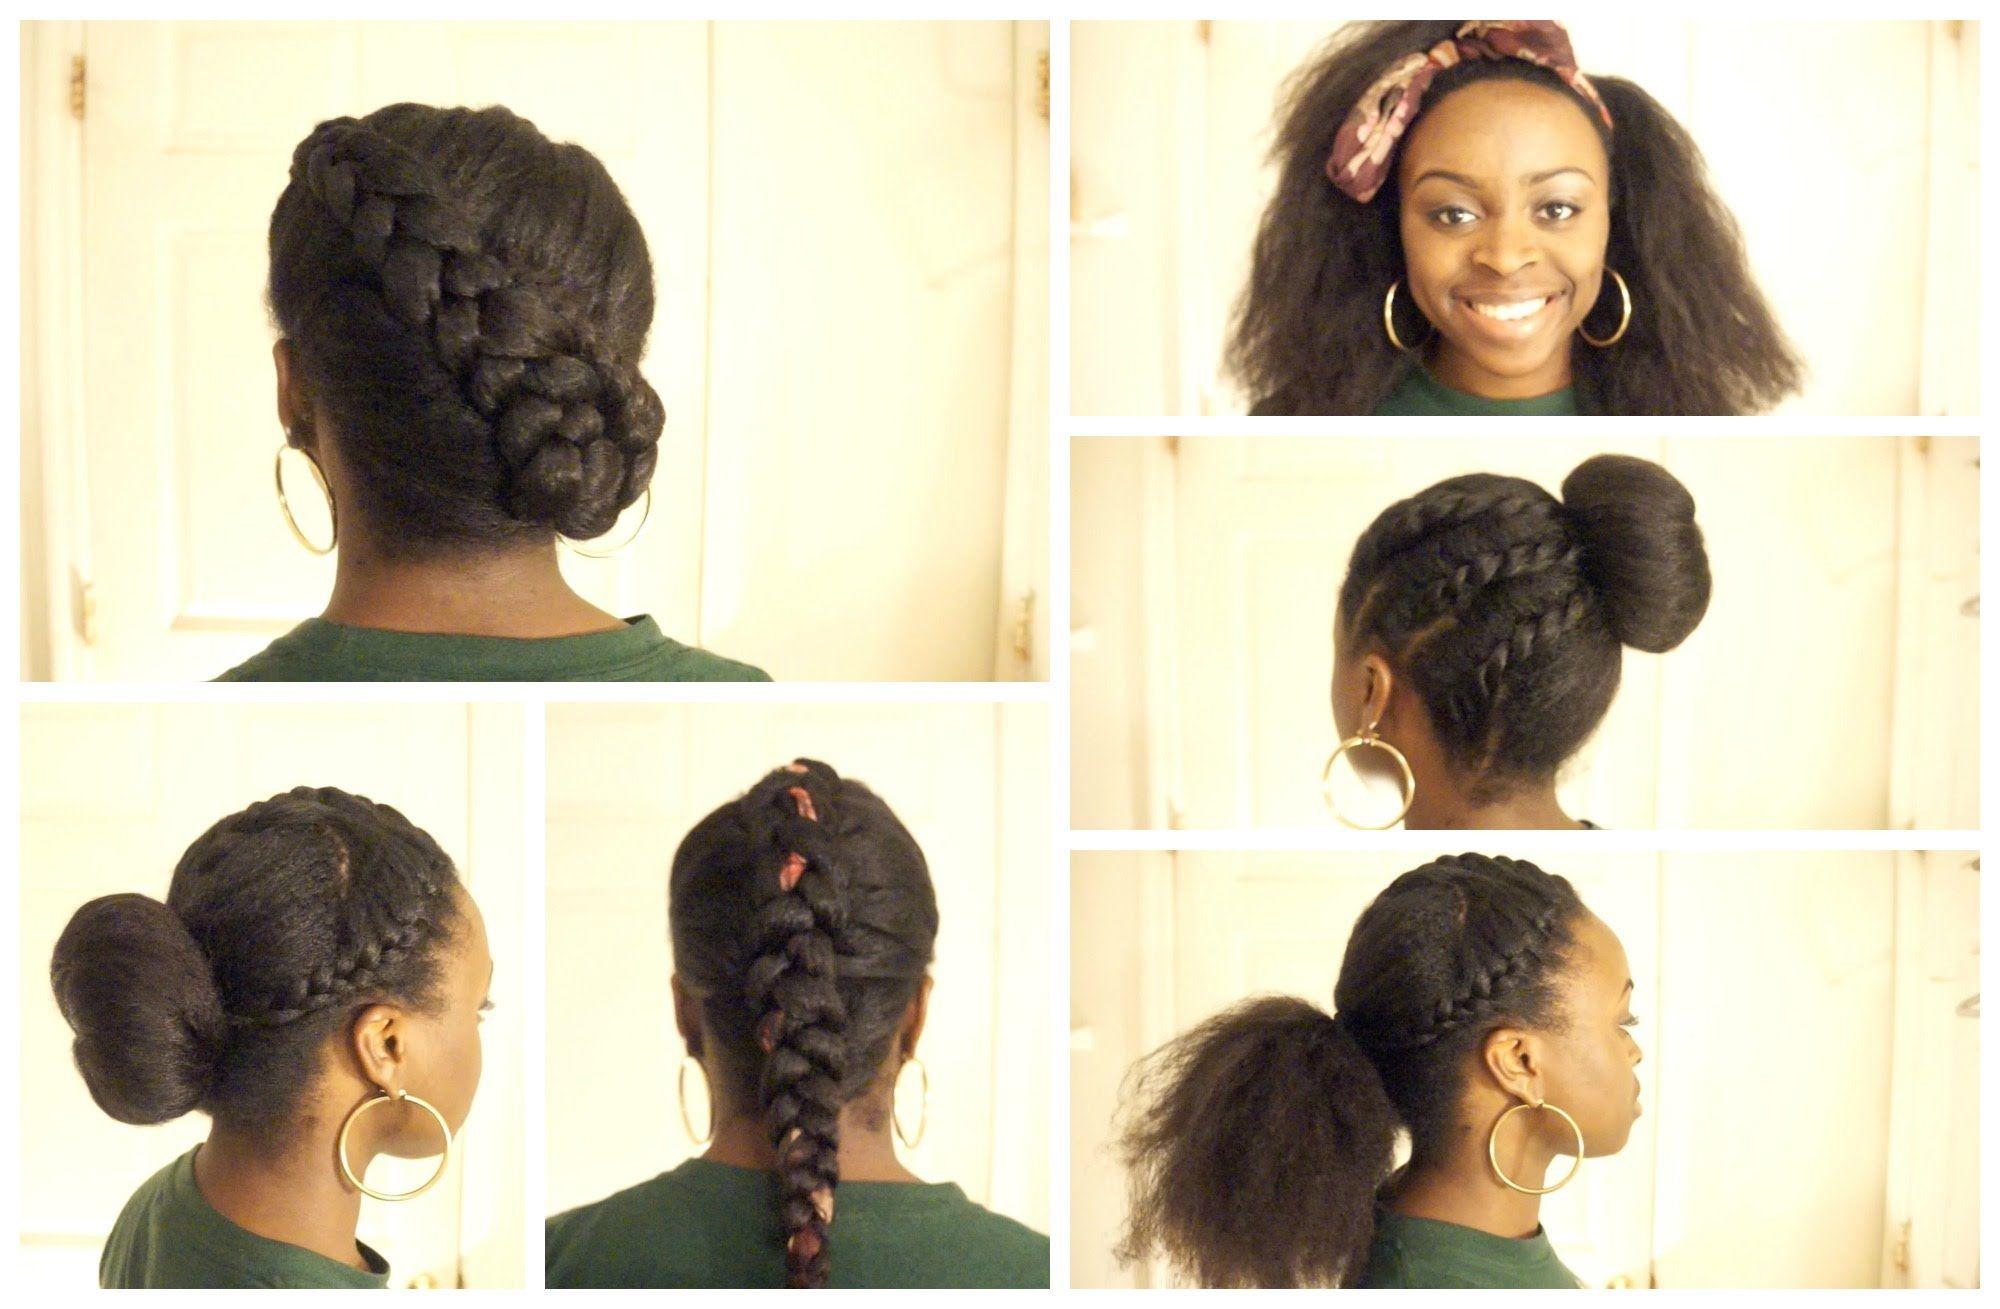 Prime 1000 Images About Natural Hair For Little Girls On Pinterest Short Hairstyles For Black Women Fulllsitofus